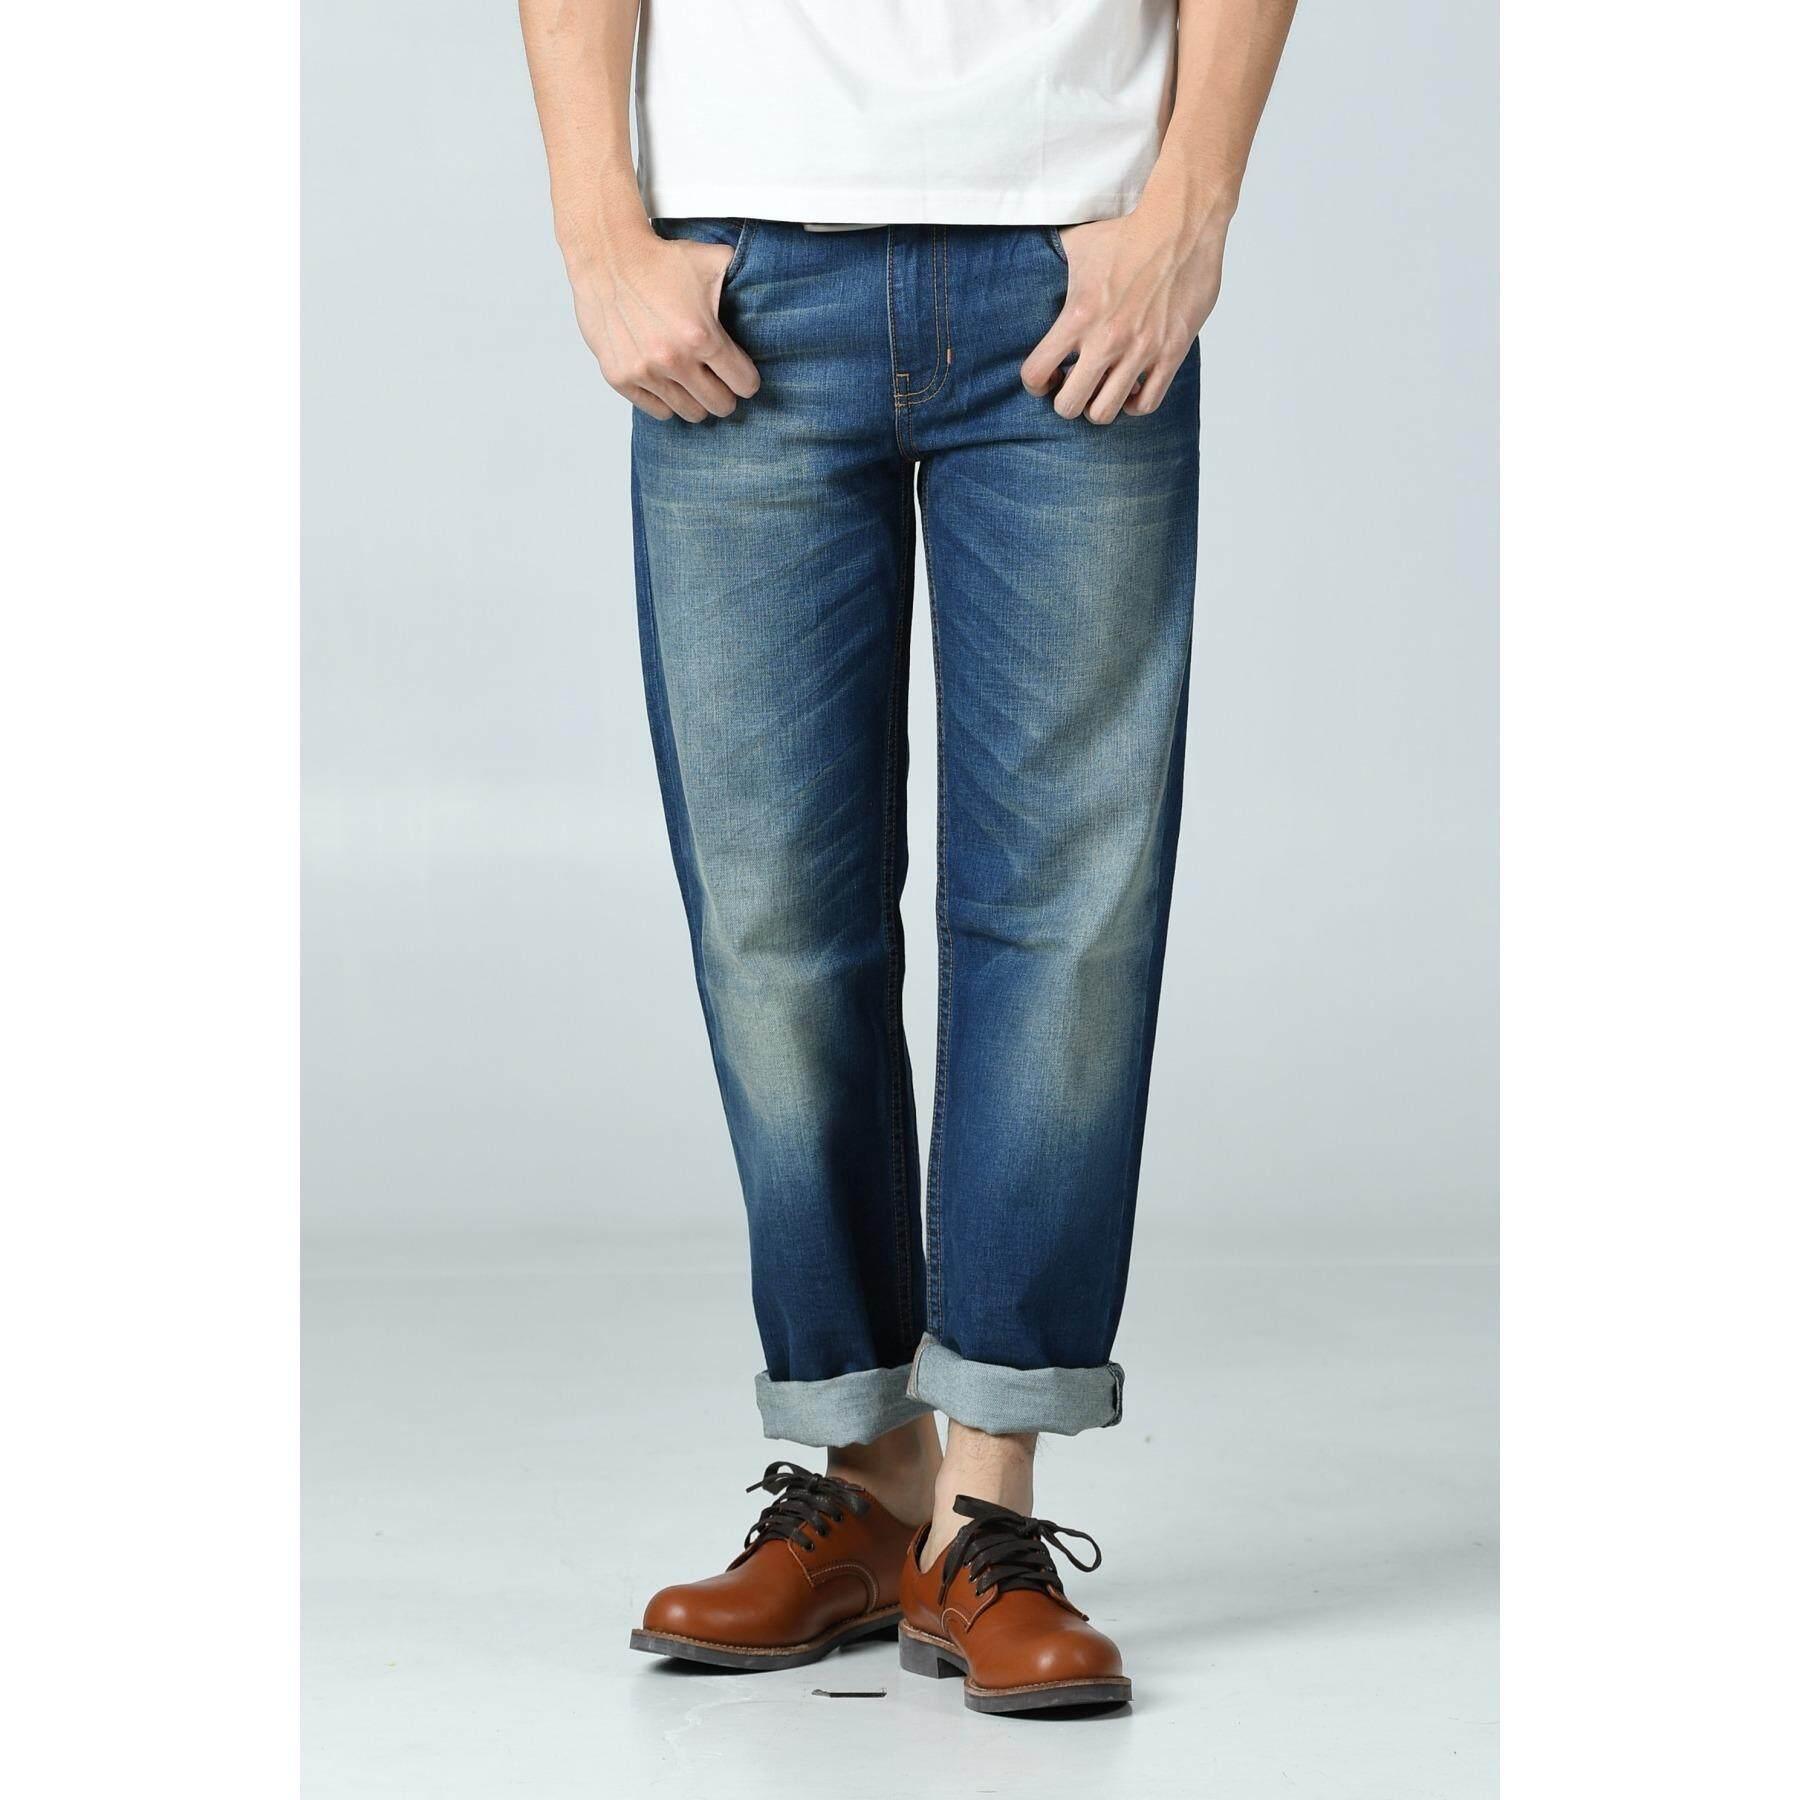 ซื้อ Mc Jeans Straight Fit รุ่น Marp66900 ออนไลน์